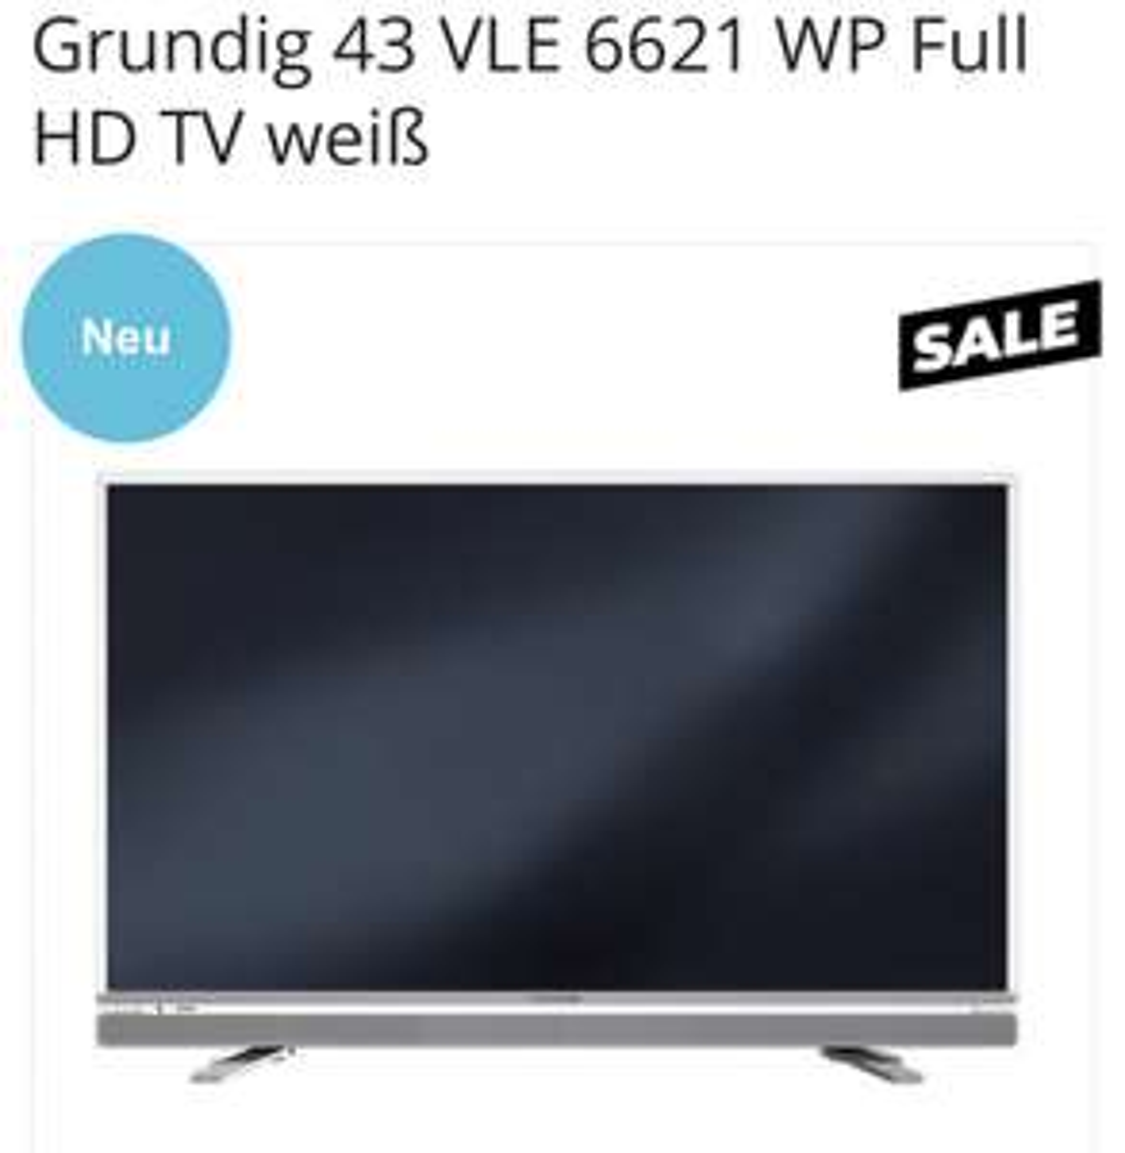 Grundig 43 VLE 6621 WP